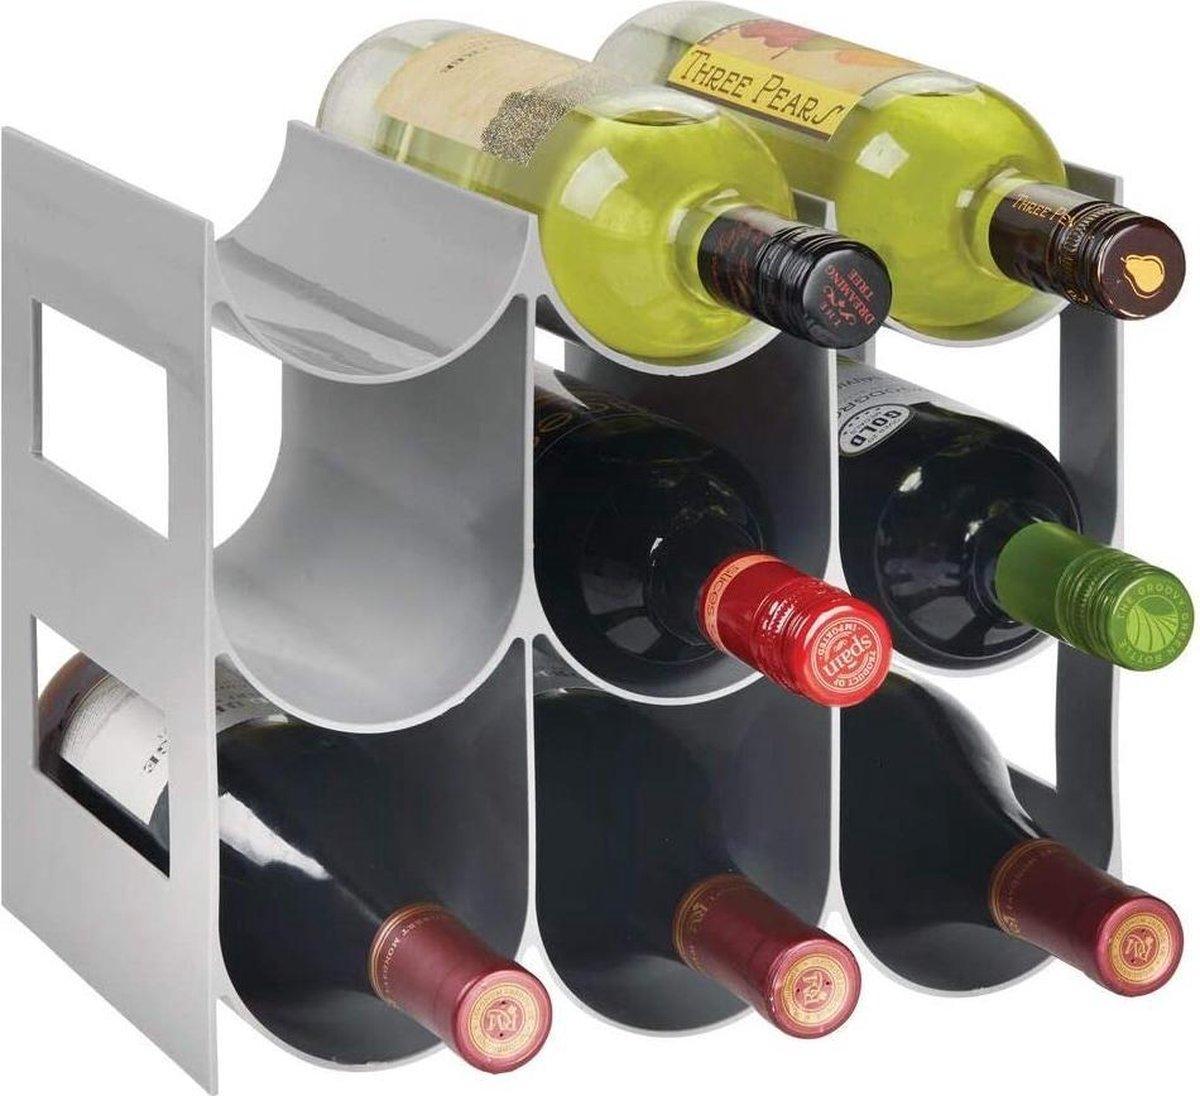 Flessenrek - wijnrek - waterflessen/wijnflessen - met 3 etages en 9 houders - voor aanrechten, voorraadkasten en koelkasten - grijs